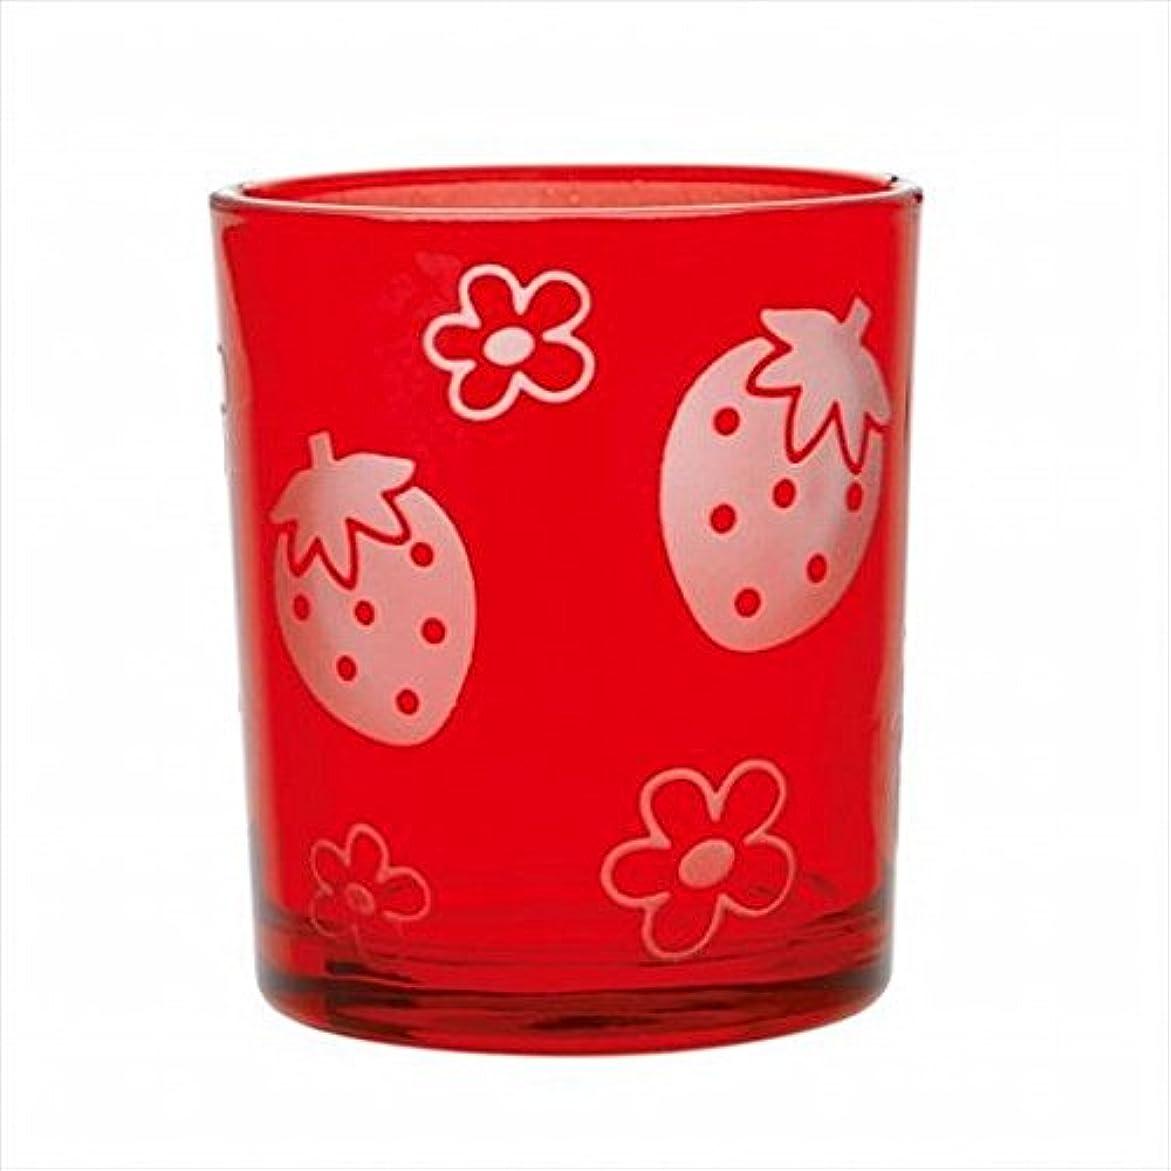 三角のどカリキュラムsweets candle(スイーツキャンドル) いちごフロストカップ 「 レッド 」 キャンドル 55x55x65mm (J1490040R)